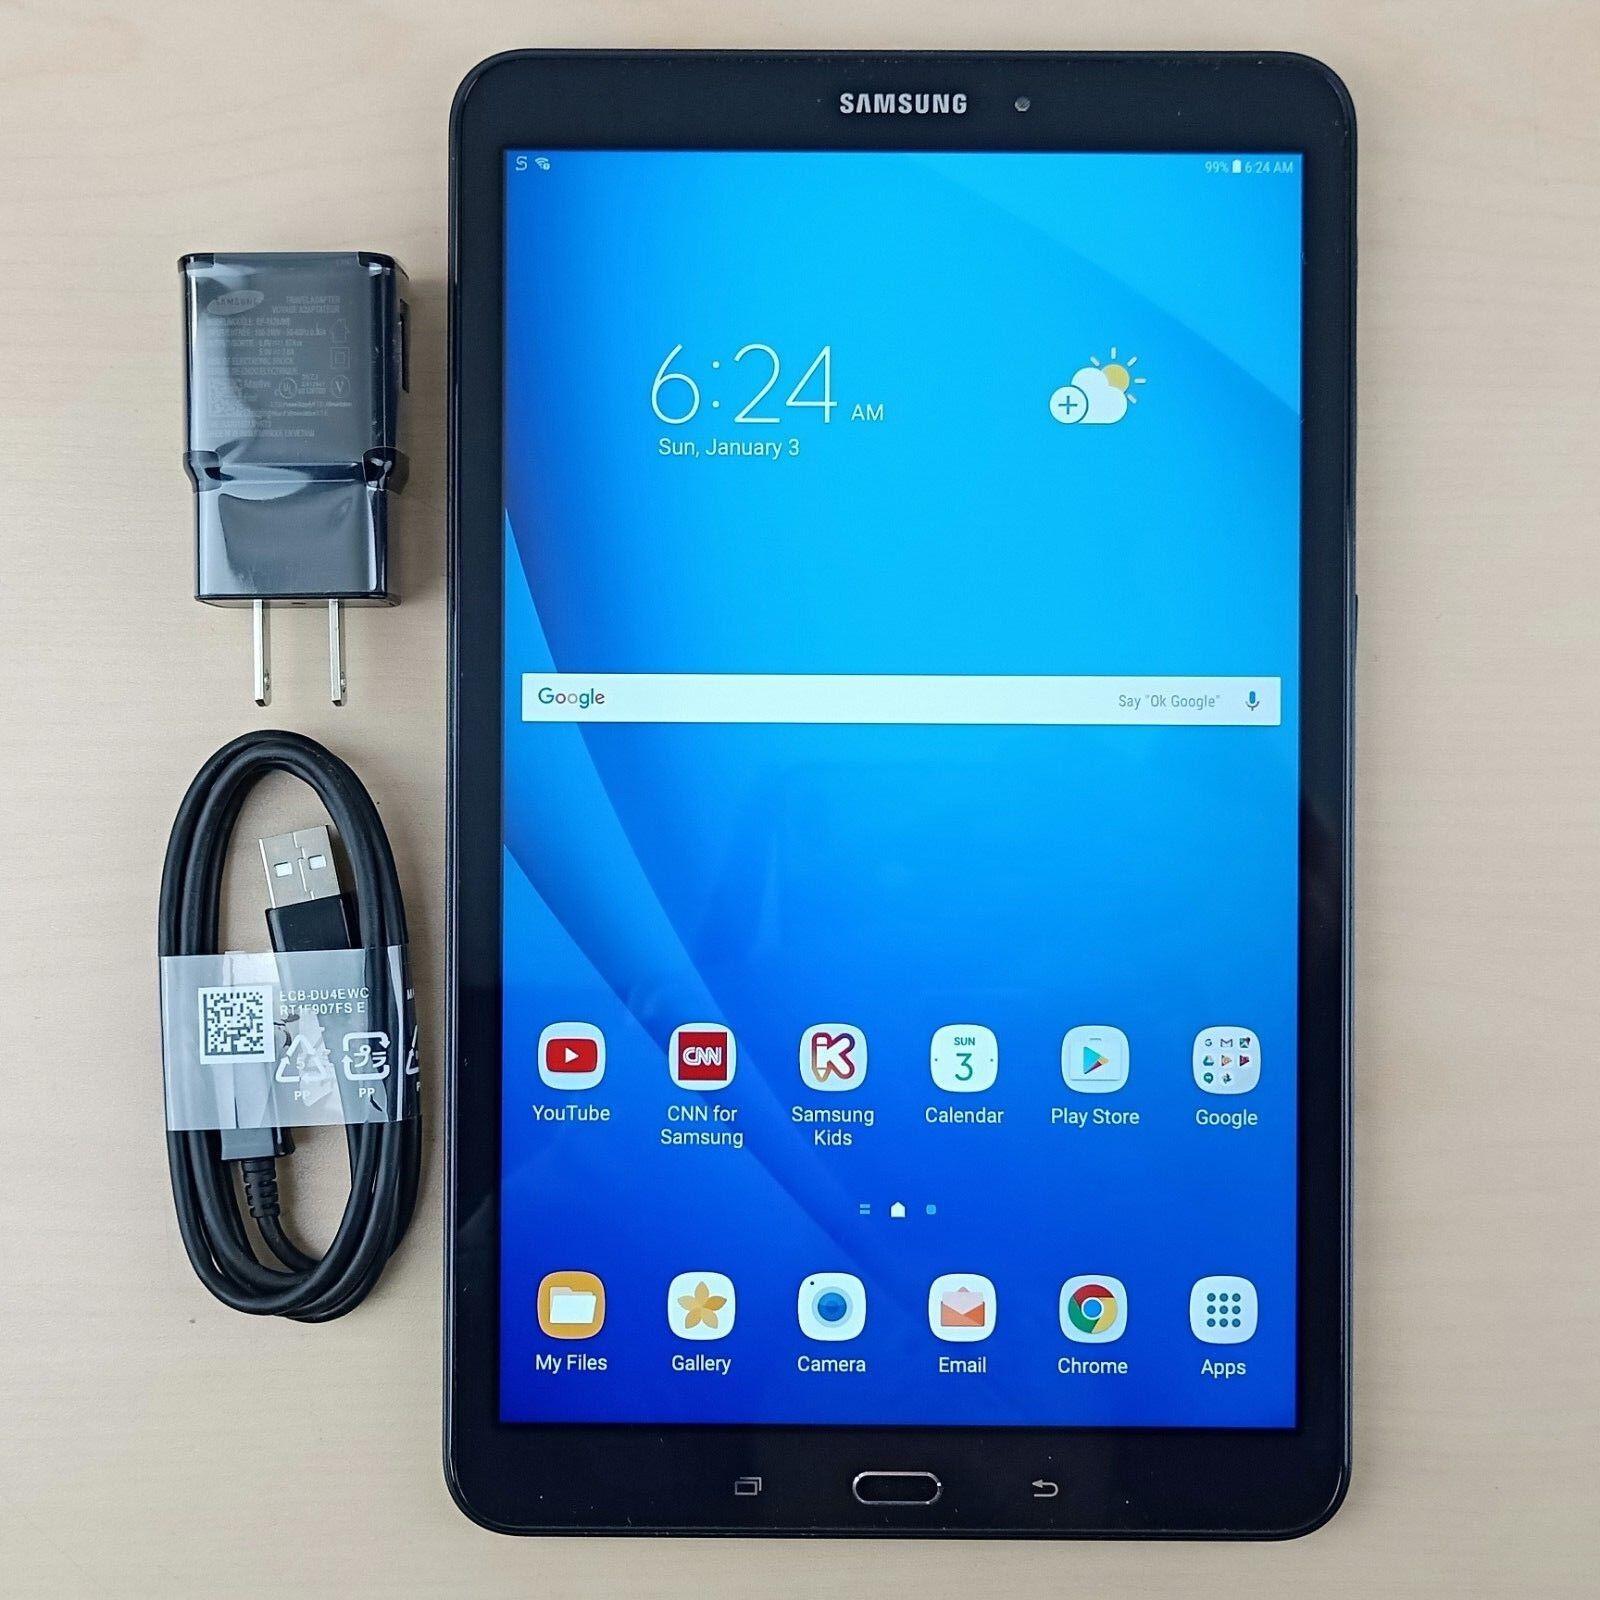 Samsung Galaxy Tab A 16GB WiFi 10.1-inch Tablet - Black